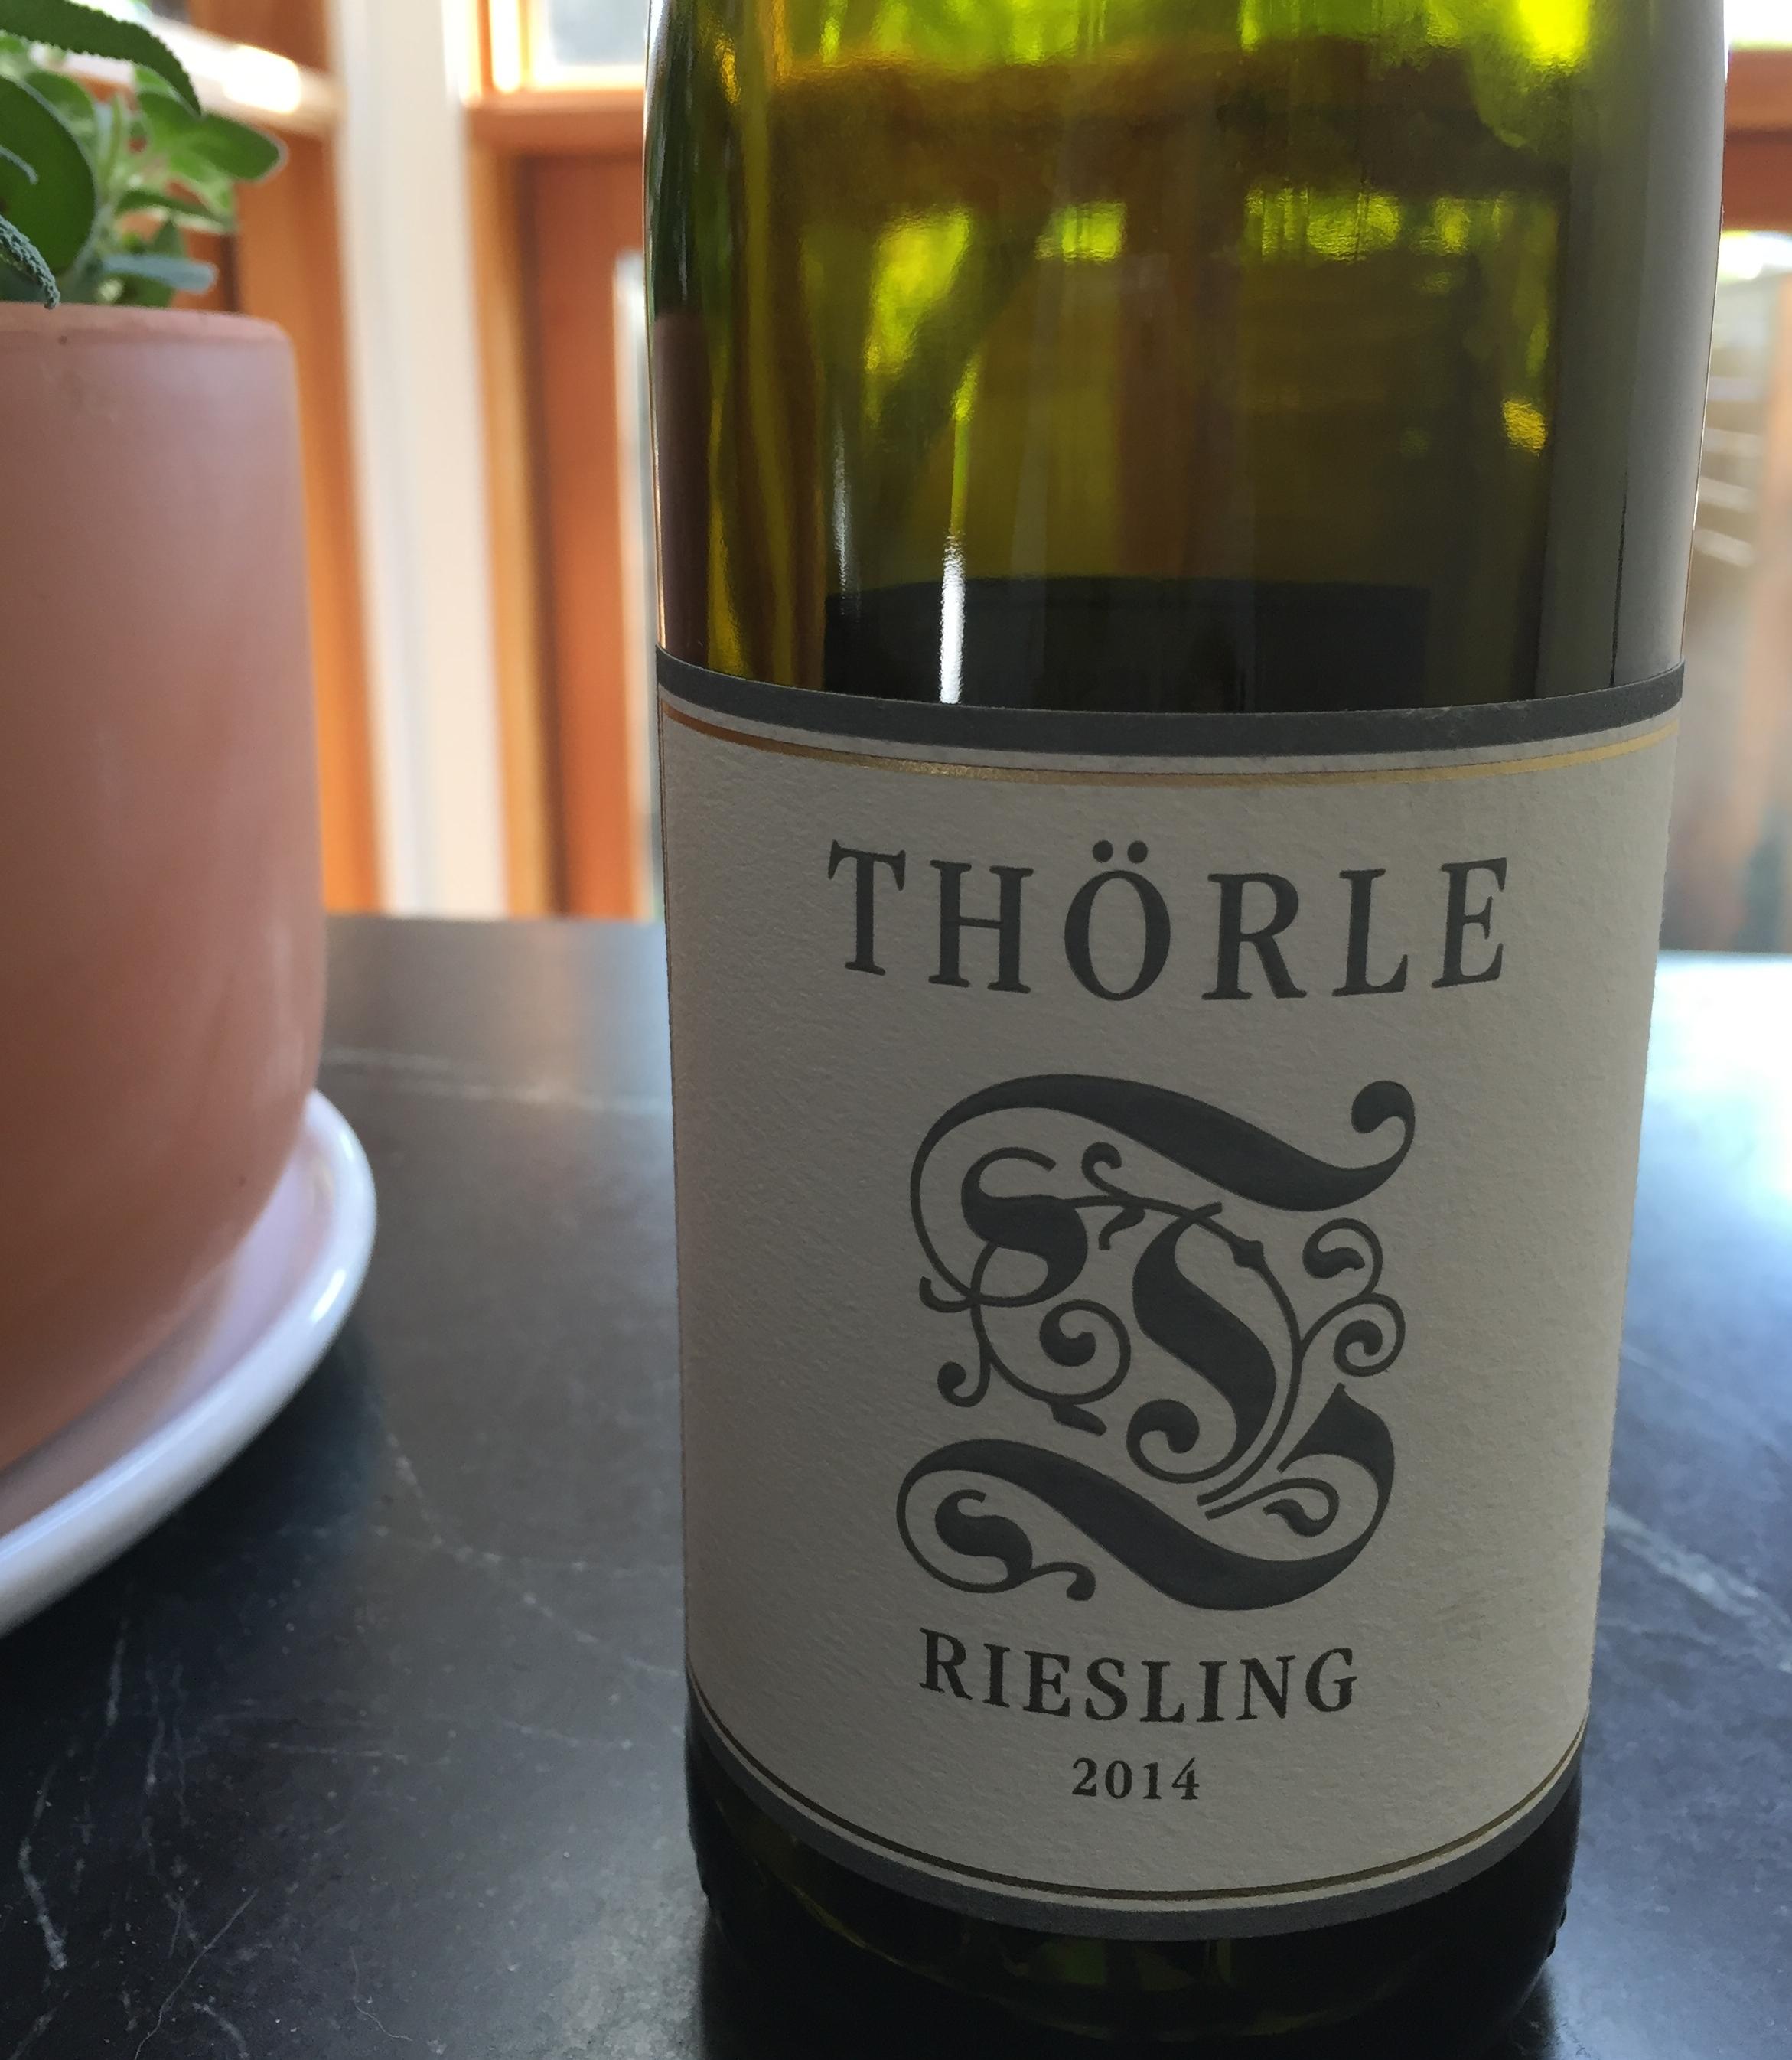 Thorle Riesling Trocken 2014 review